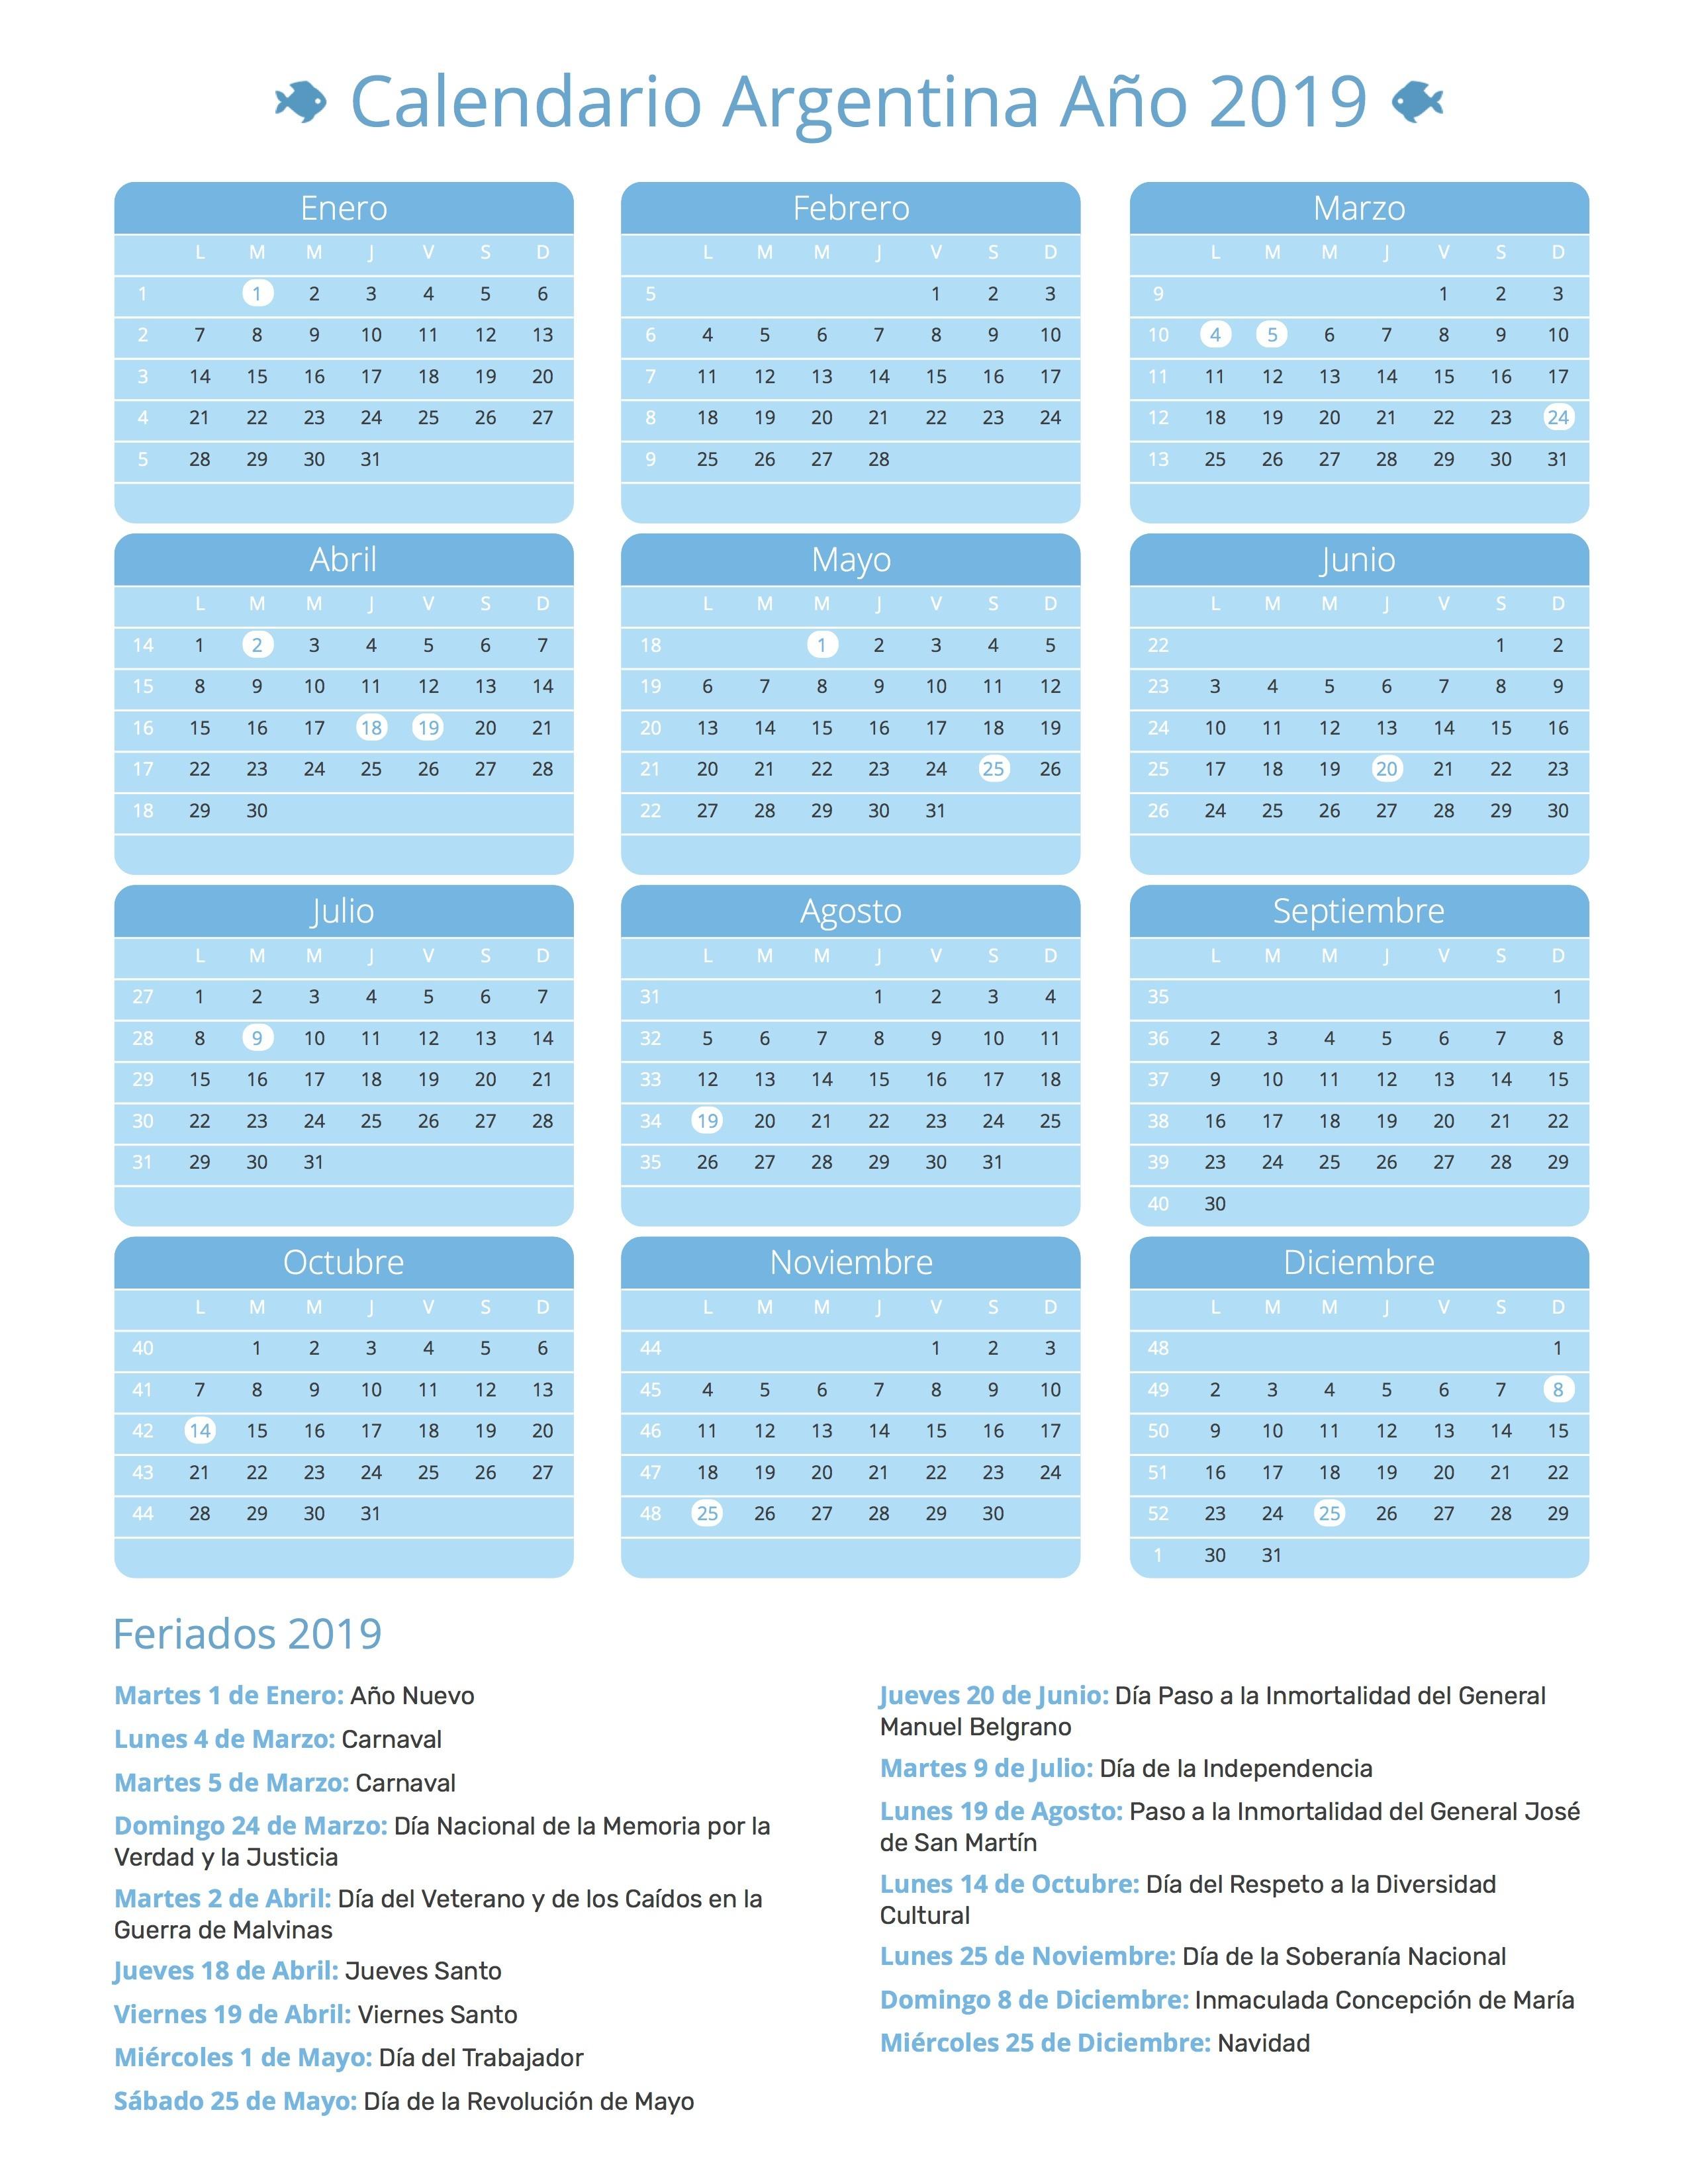 Calendario Lunar Junio 2019 Argentina Más Recientes Calendario Argentina A±o 2019 Of Calendario Lunar Junio 2019 Argentina Más Caliente Calendario Para Imprimir 2018 2019